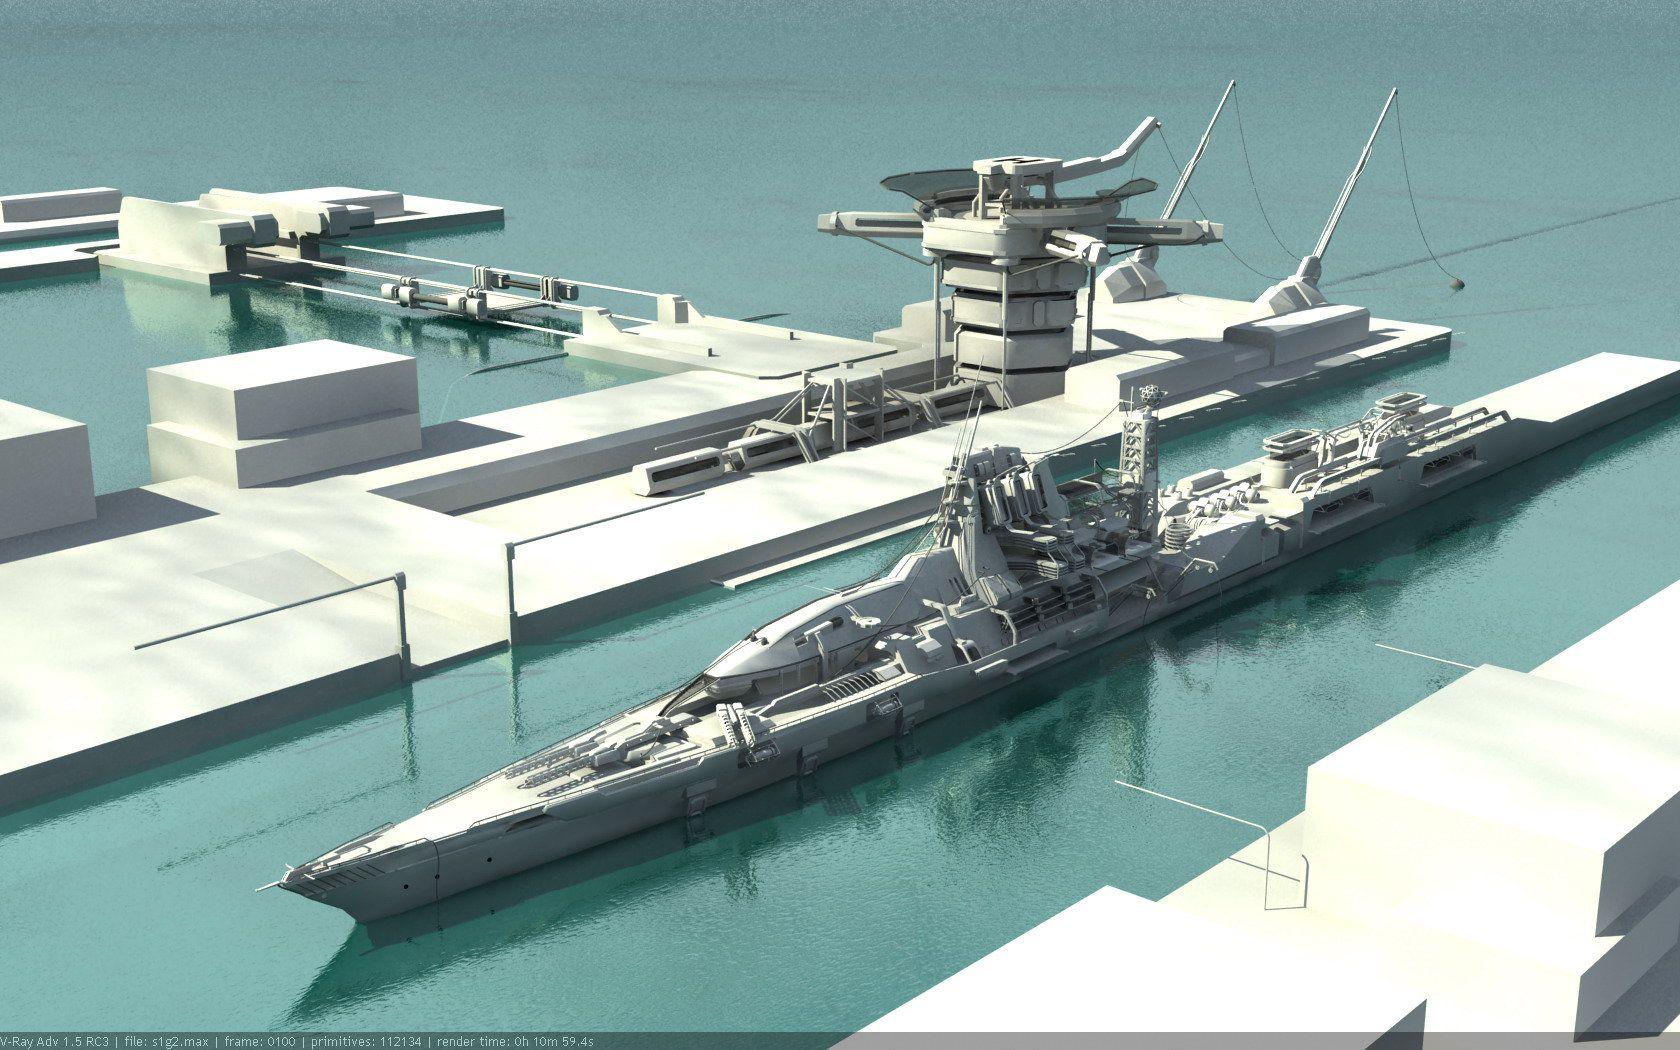 военные корабли будущего фото мотоцикл побольше, чтобы